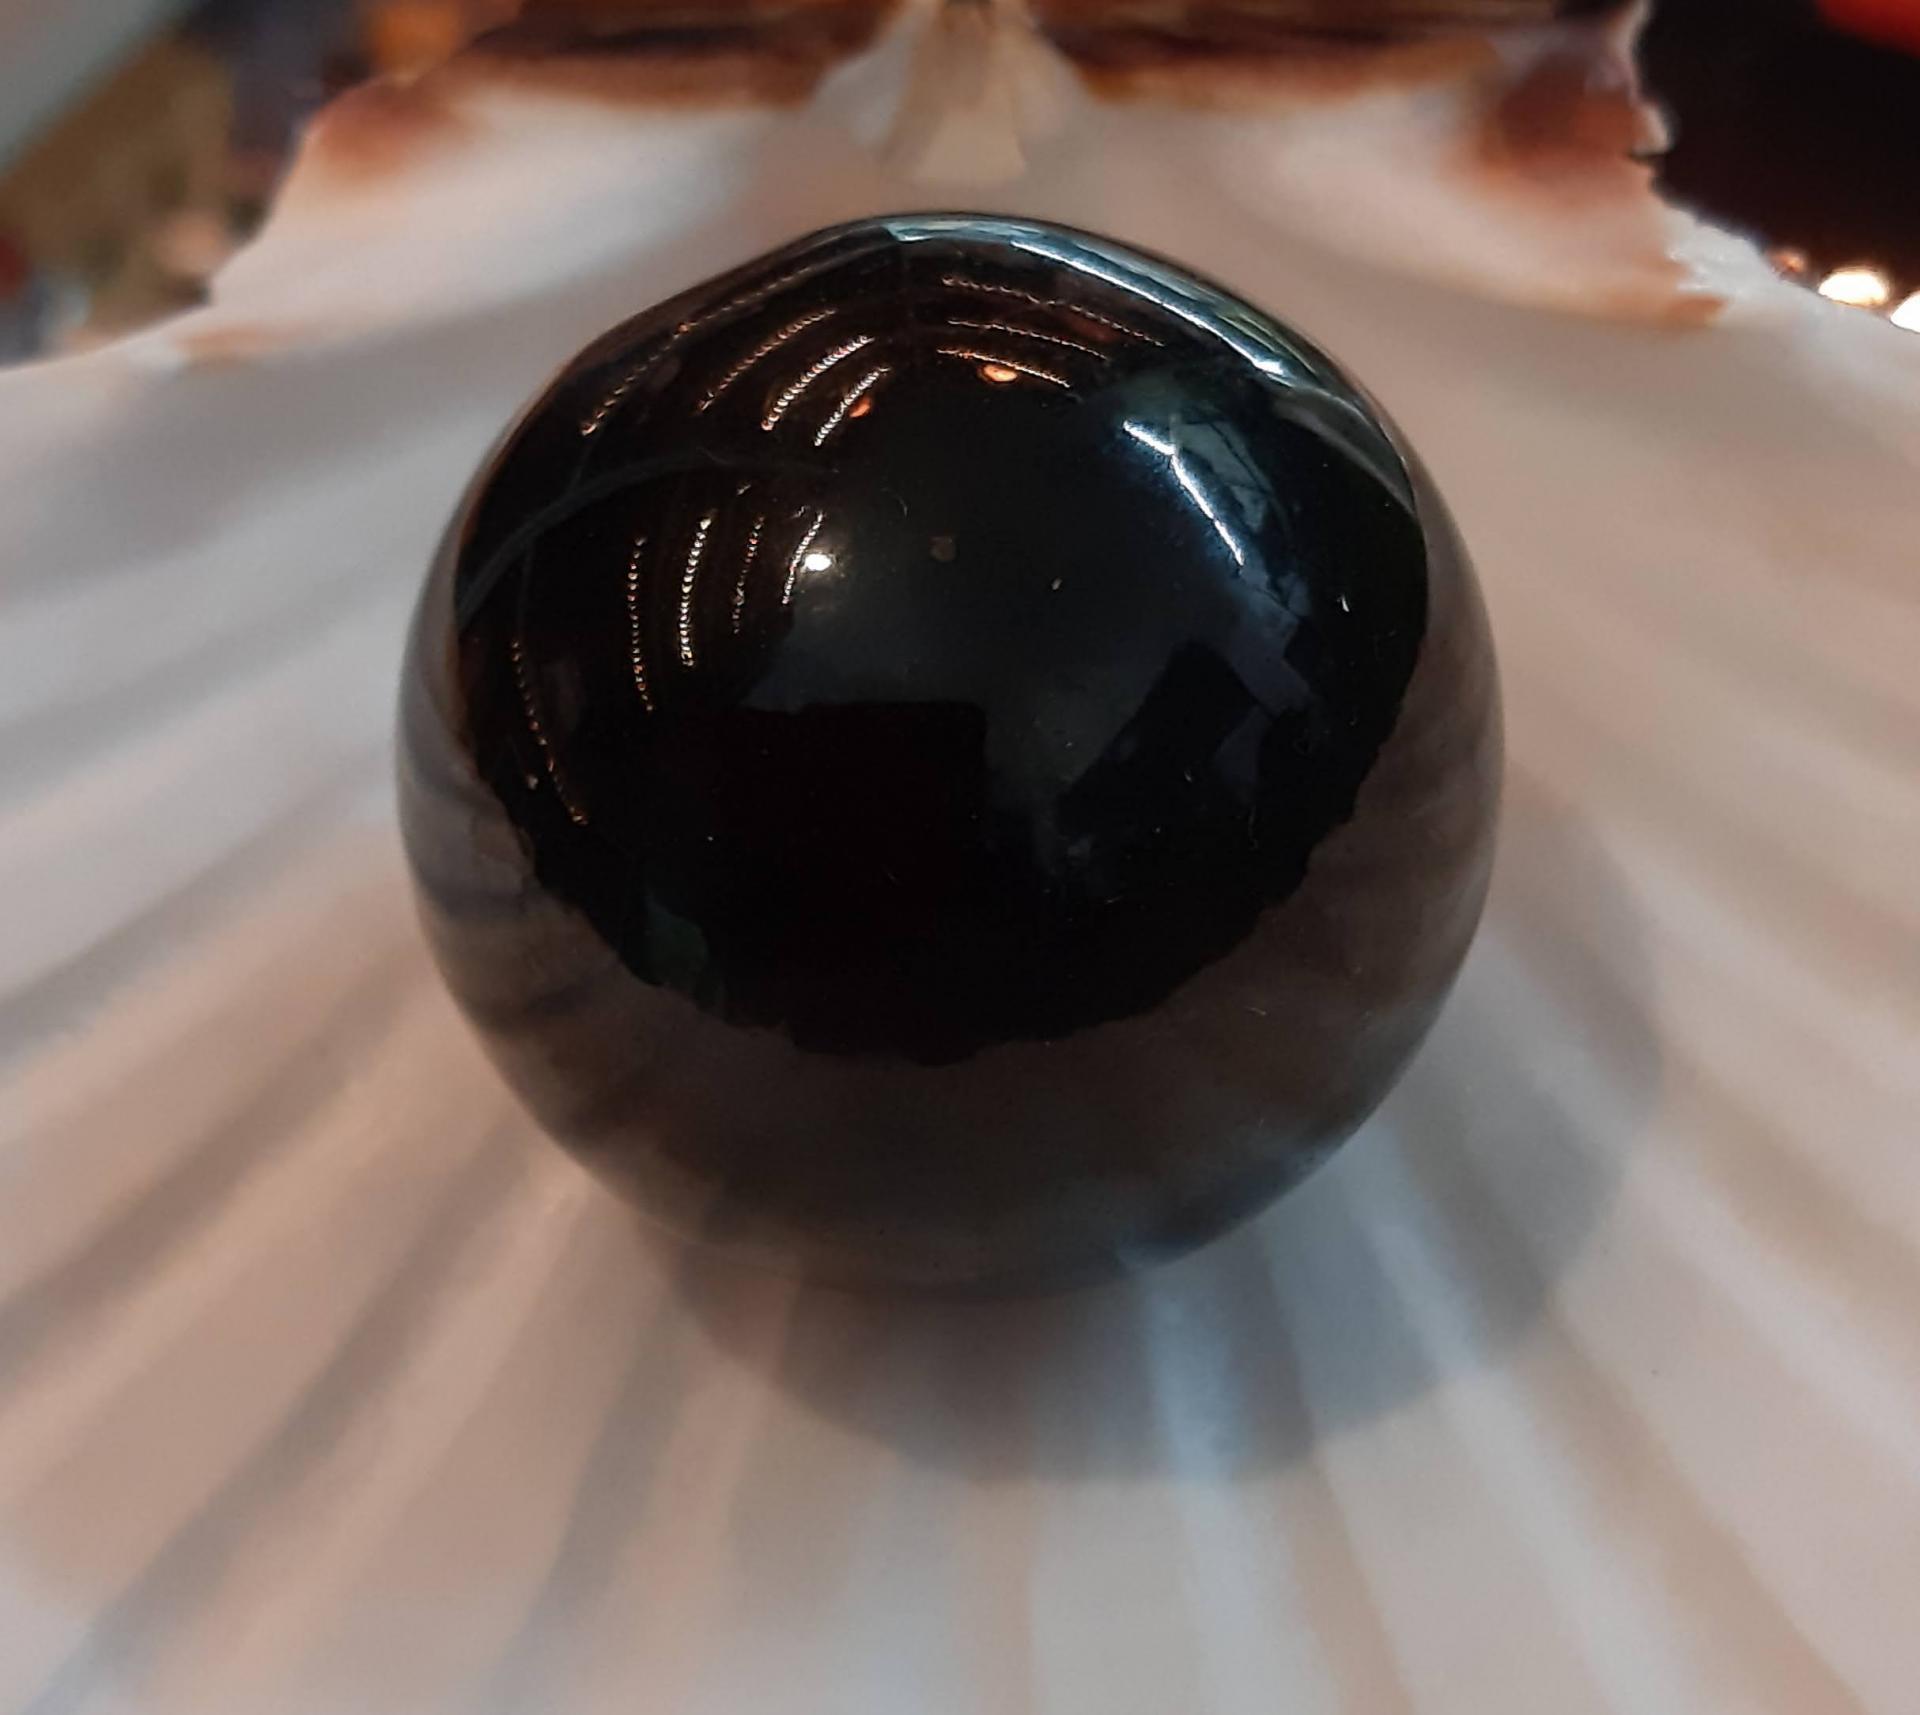 Sphere de sungite